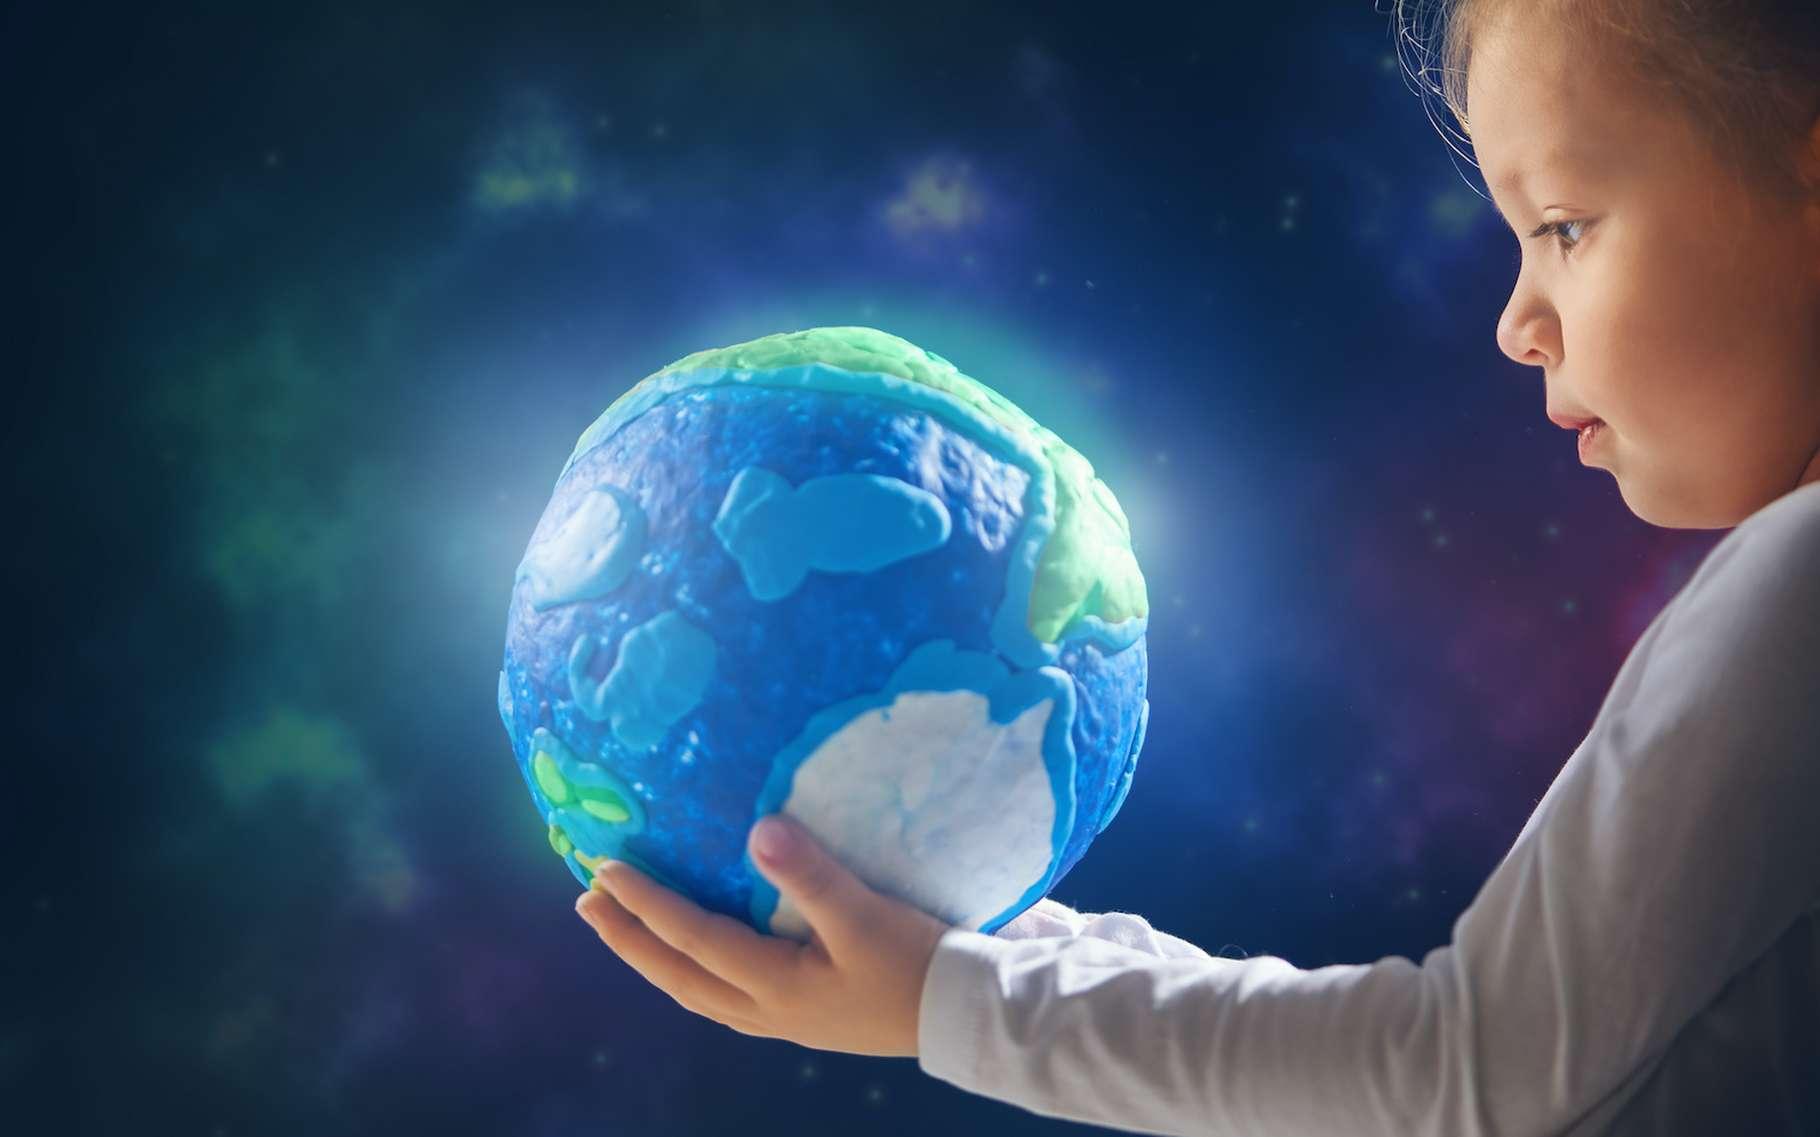 Sur la plateforme EDF Pulse & You, retrouvez la campagne Midowtopia et aidez la start-up eGreen à améliorer ce jeu qui vise à nous encourager à adopter des comportements écoresponsables. © Konstantin Yuganov, Adobe Stock